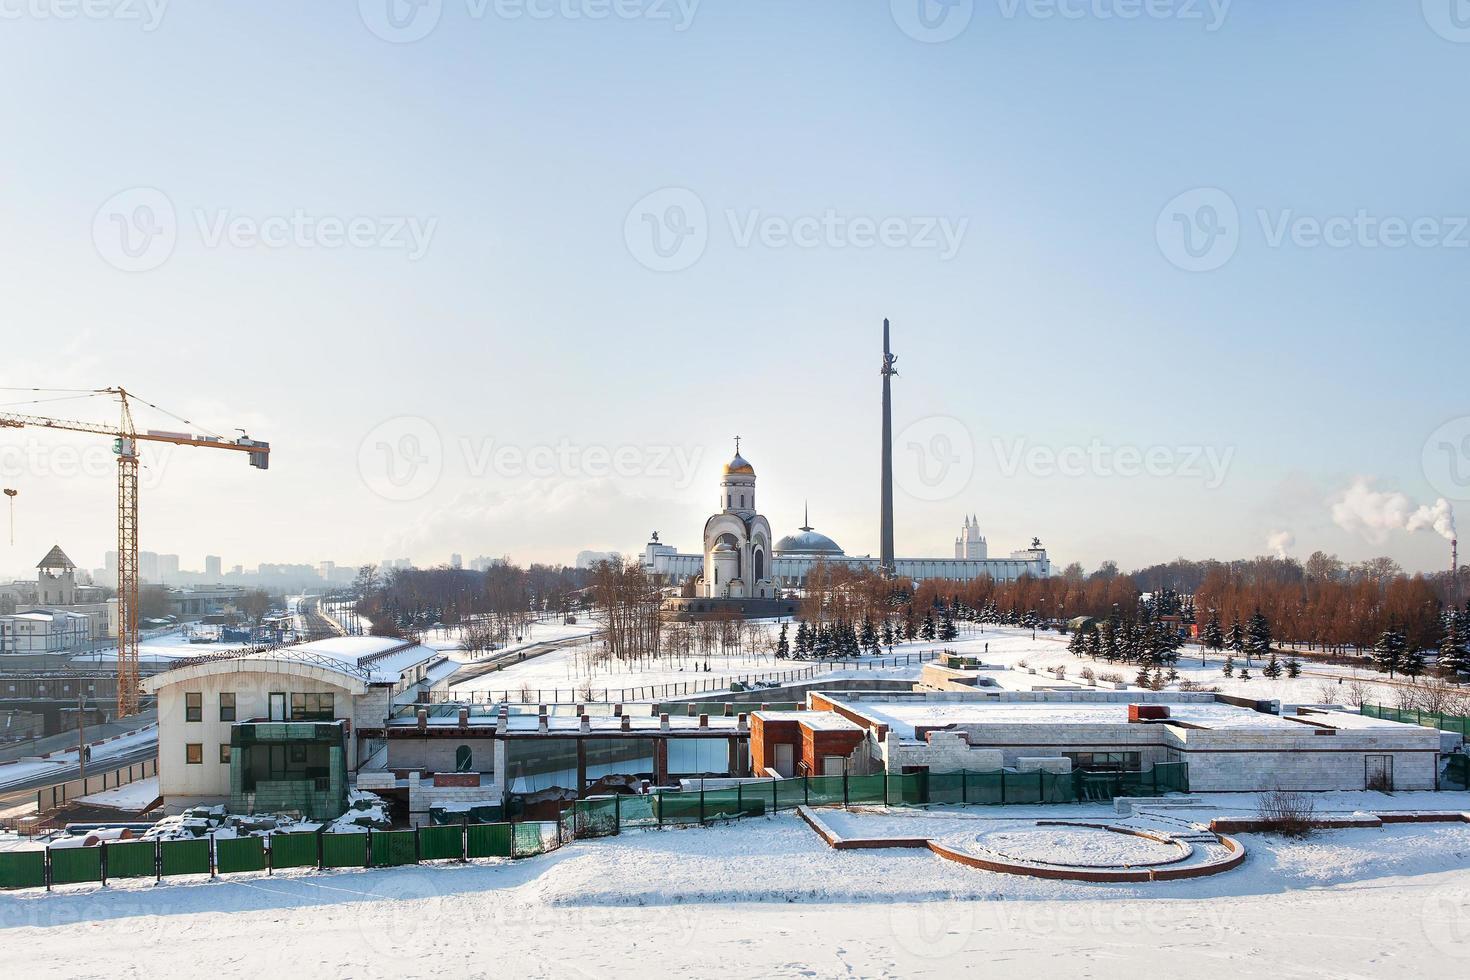 overwinningspark in Moskou, gewijd aan de herinnering aan oorlog. foto